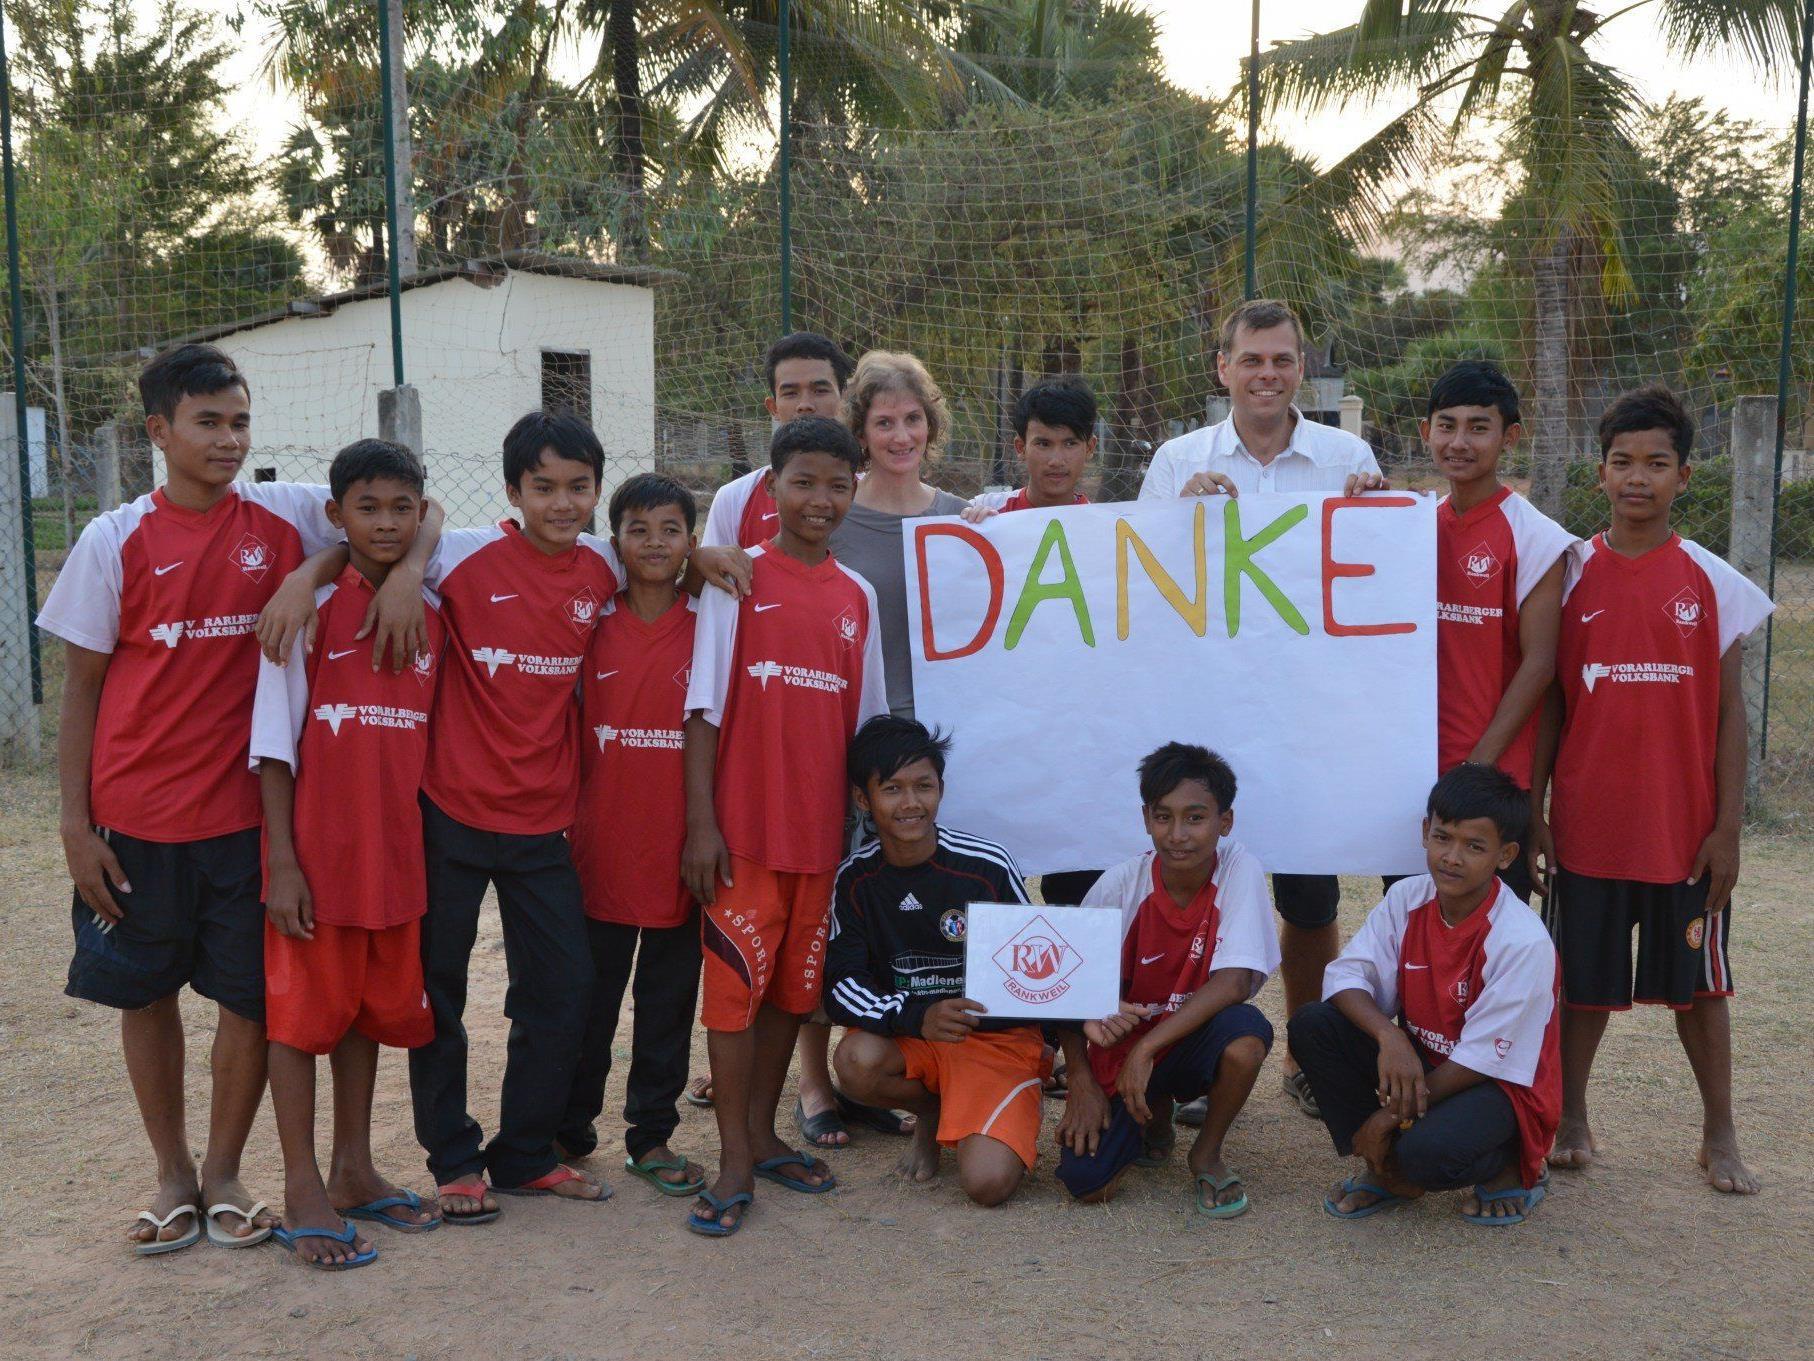 Der Tennisklub Rankweil und FC RW Rankweil unterstützten gemeinsam ein soziales Projekt.